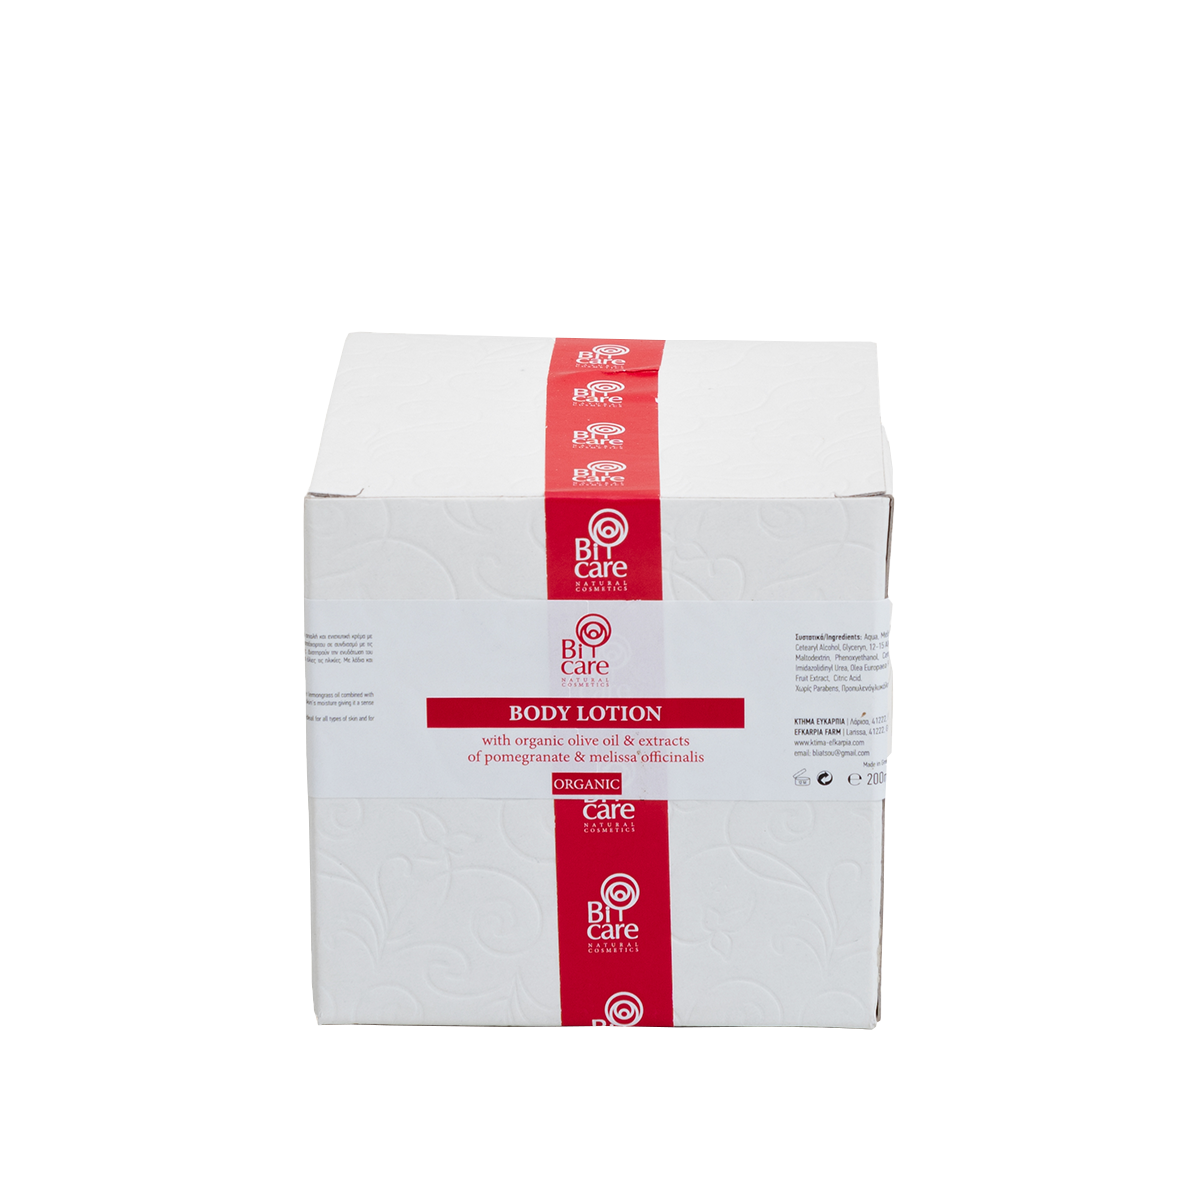 Κρέμα σώματος | Eκχύλισμα ροδιού & μελισσόχορτου 50ml | BiCare